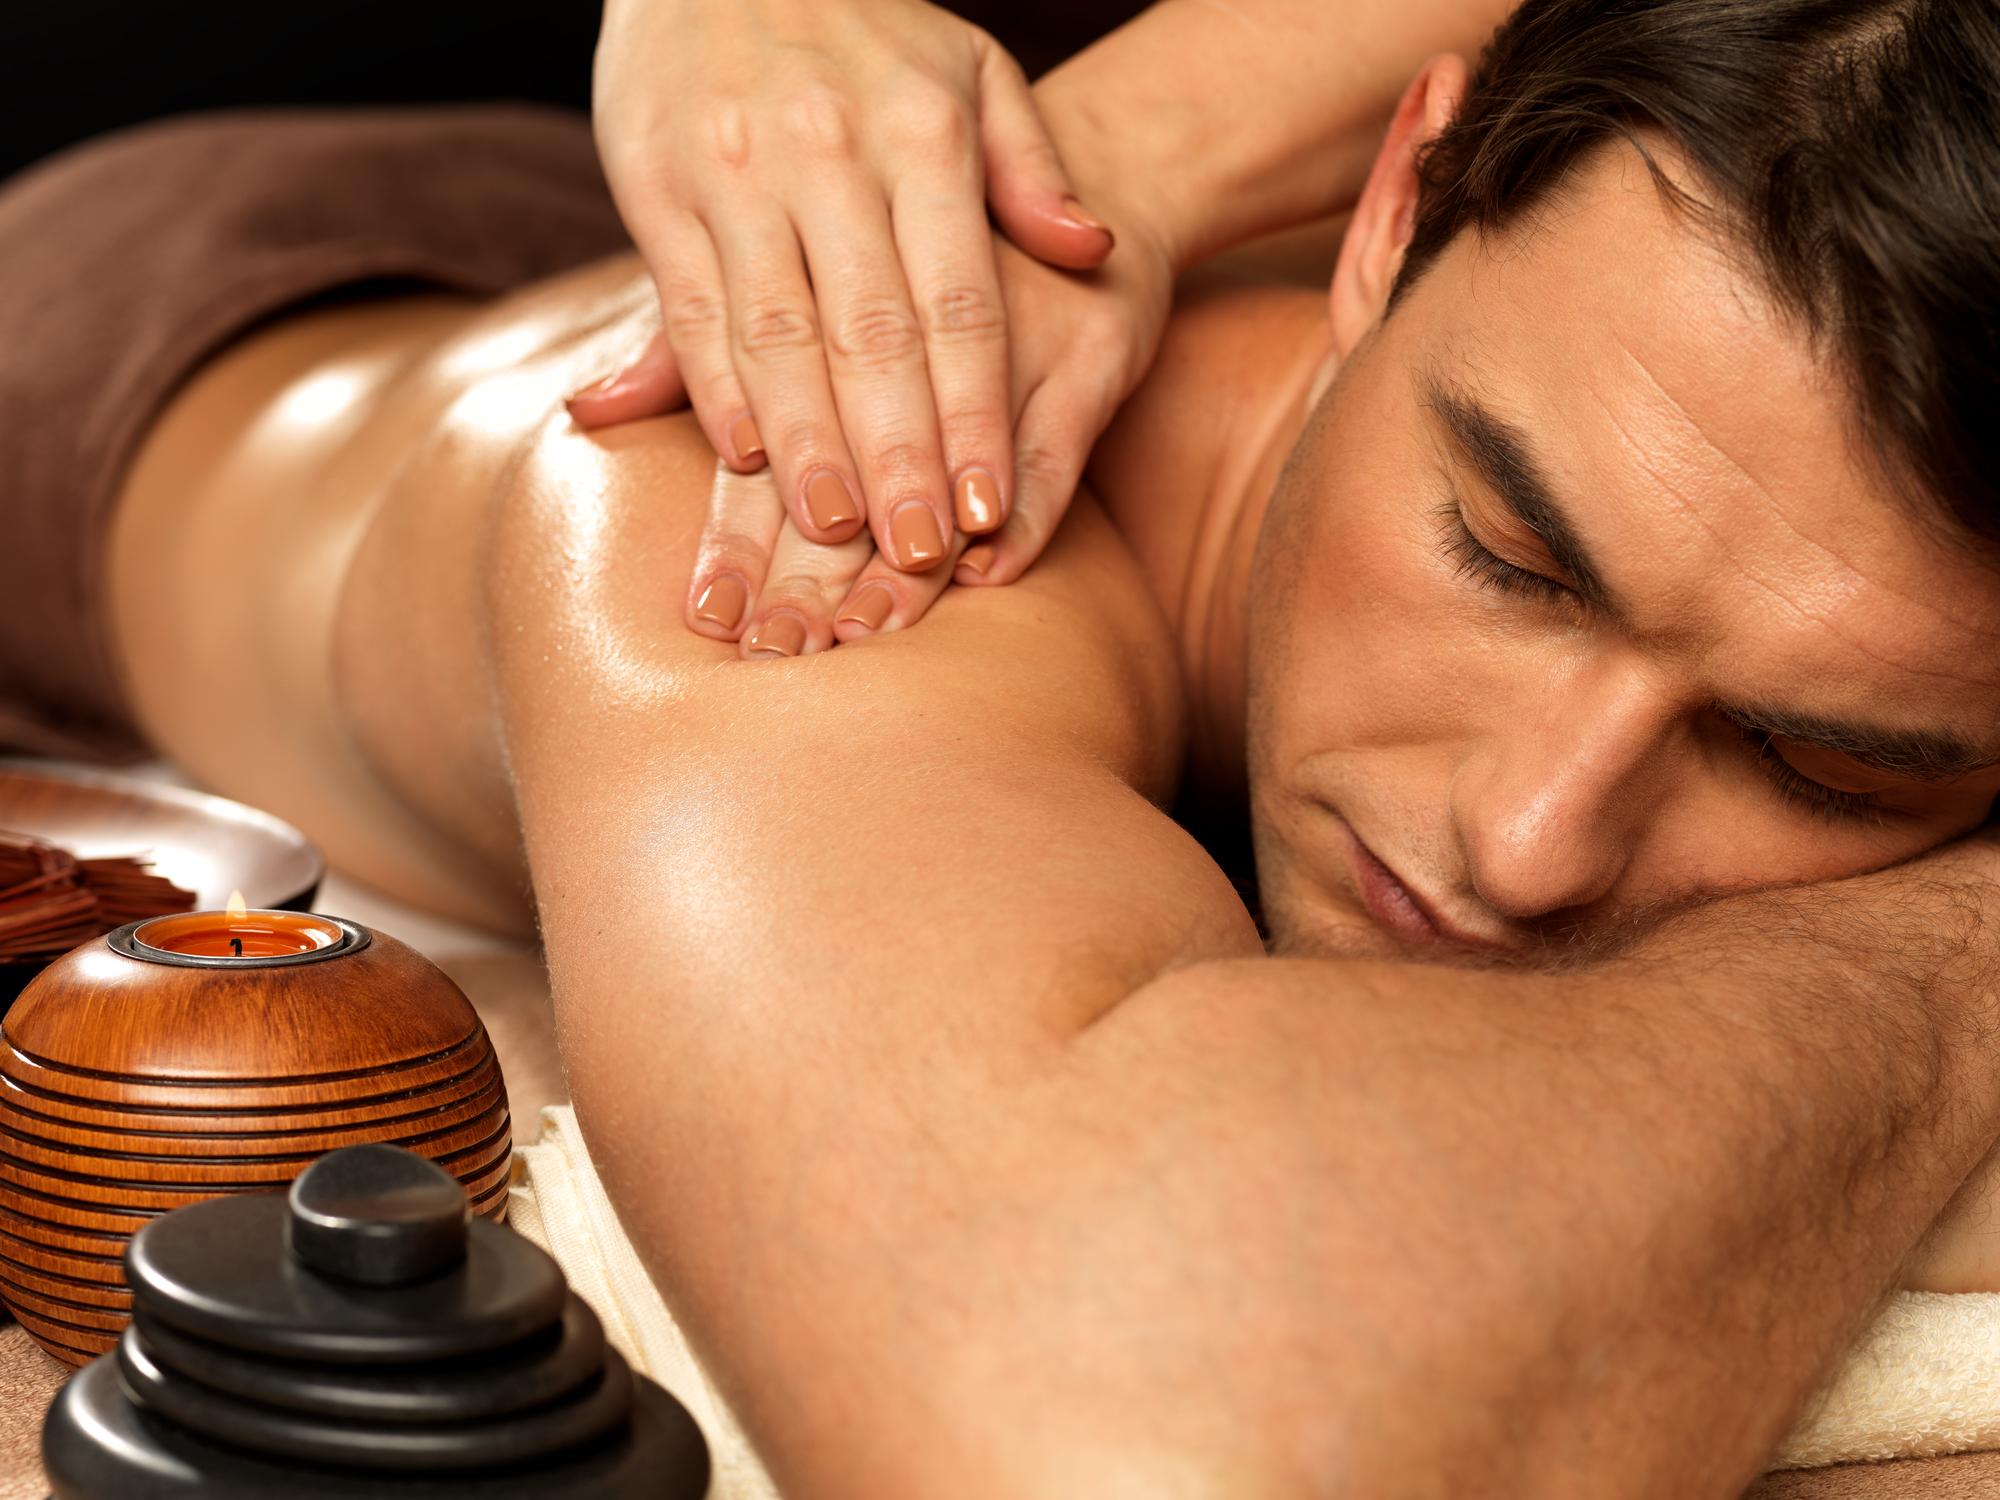 Смотреть фото интимного массажа 14 фотография